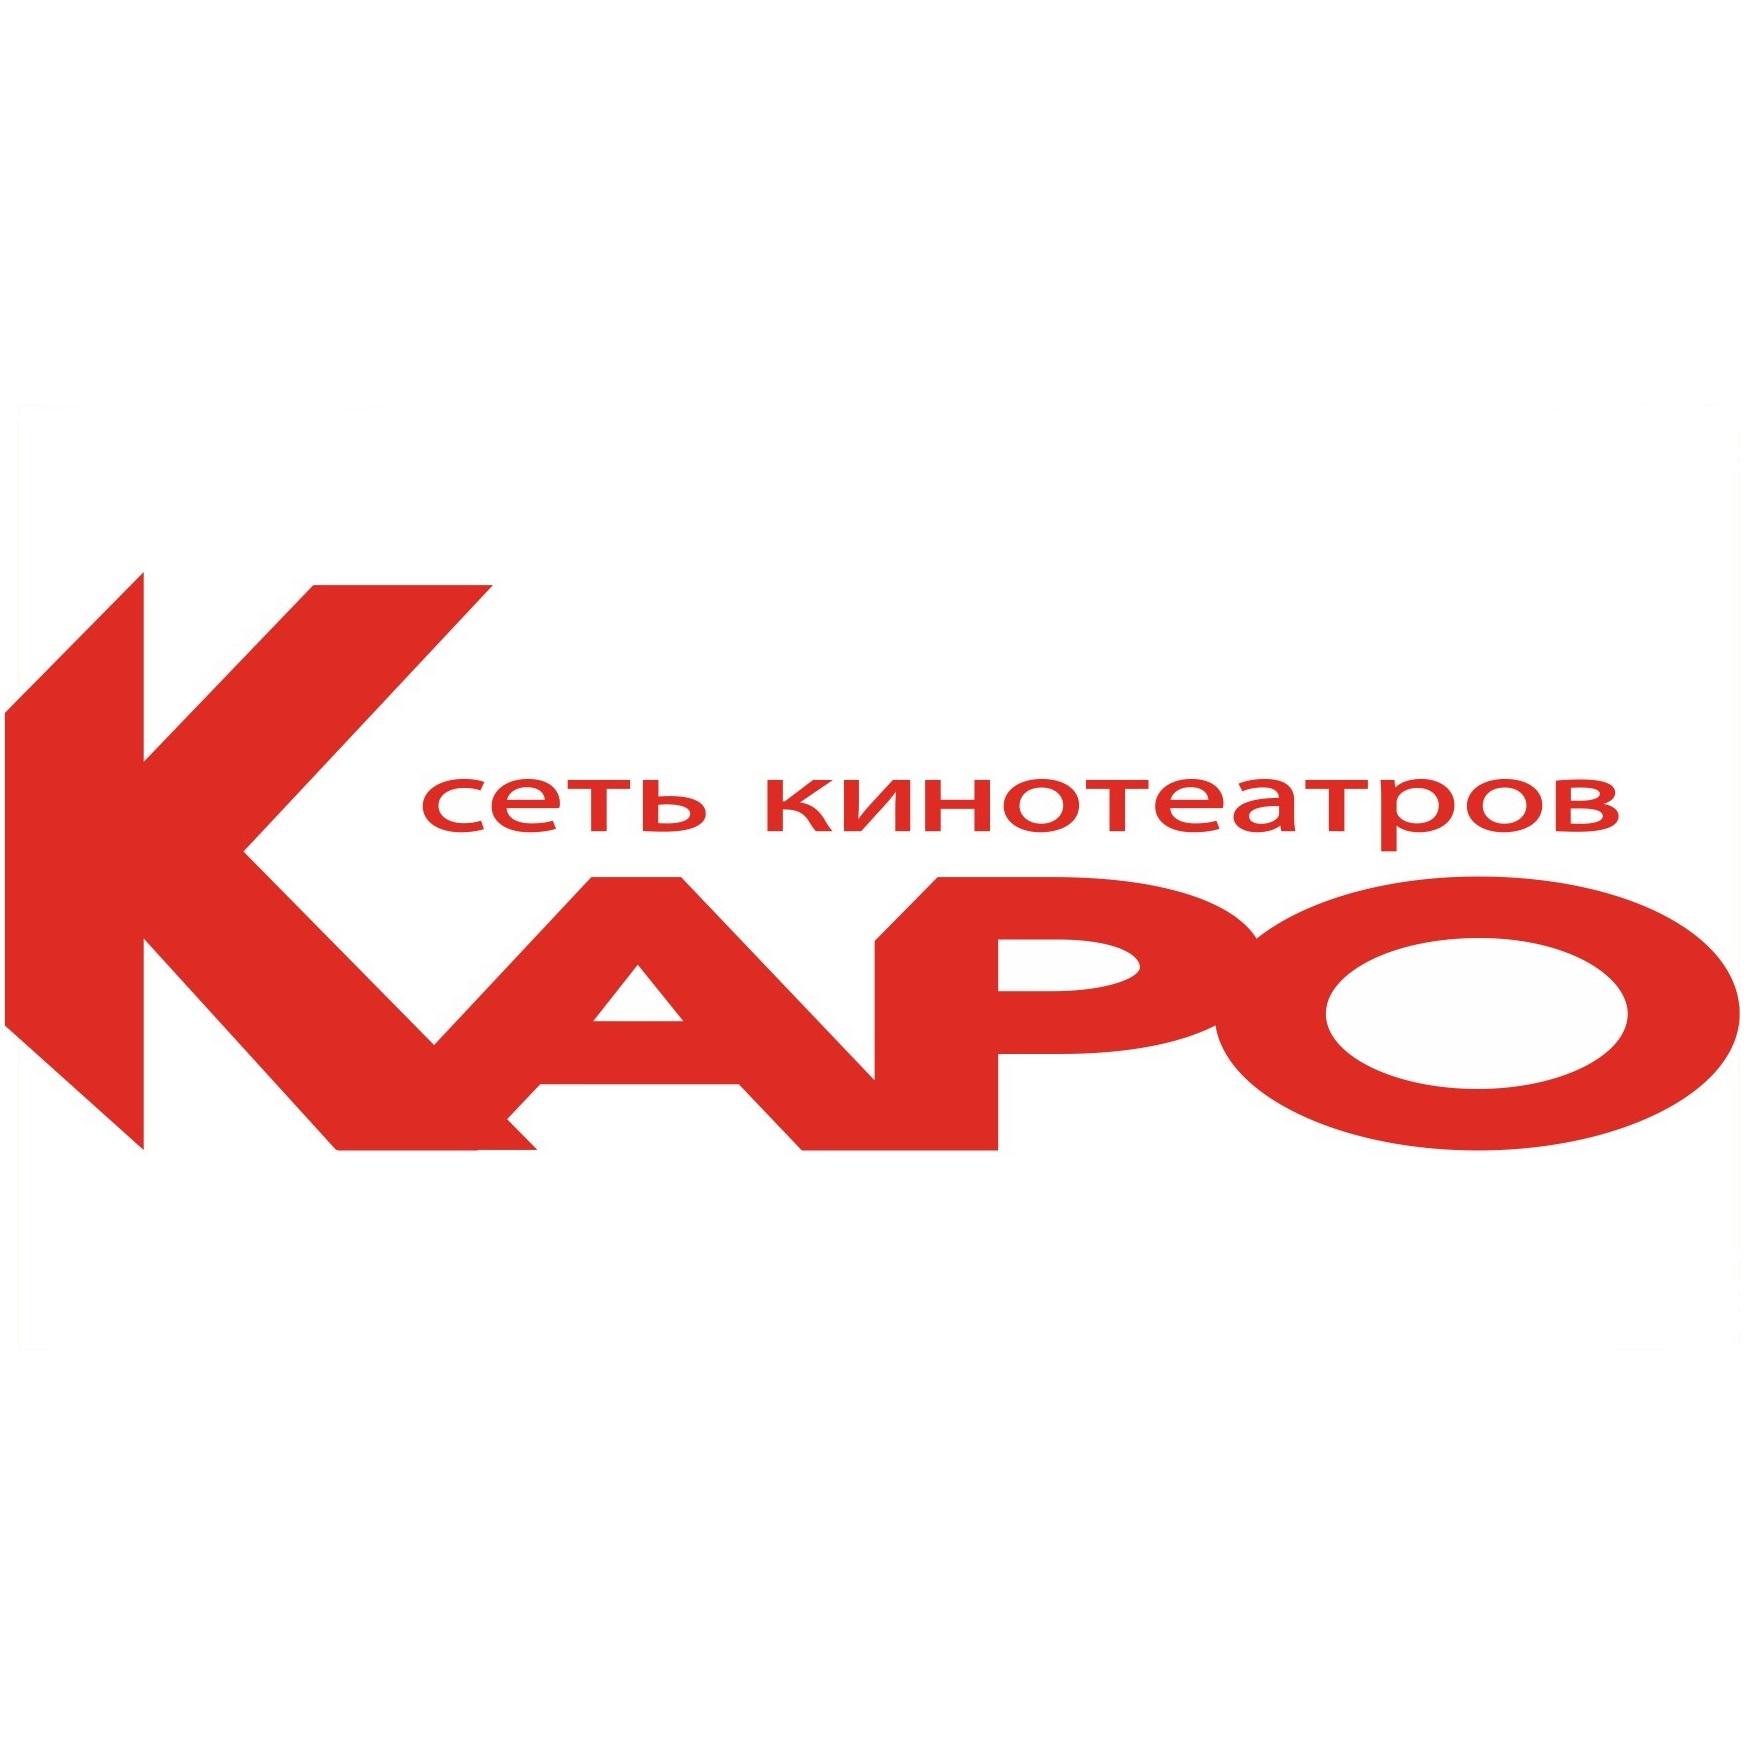 Сеть кинотеатров КАРО